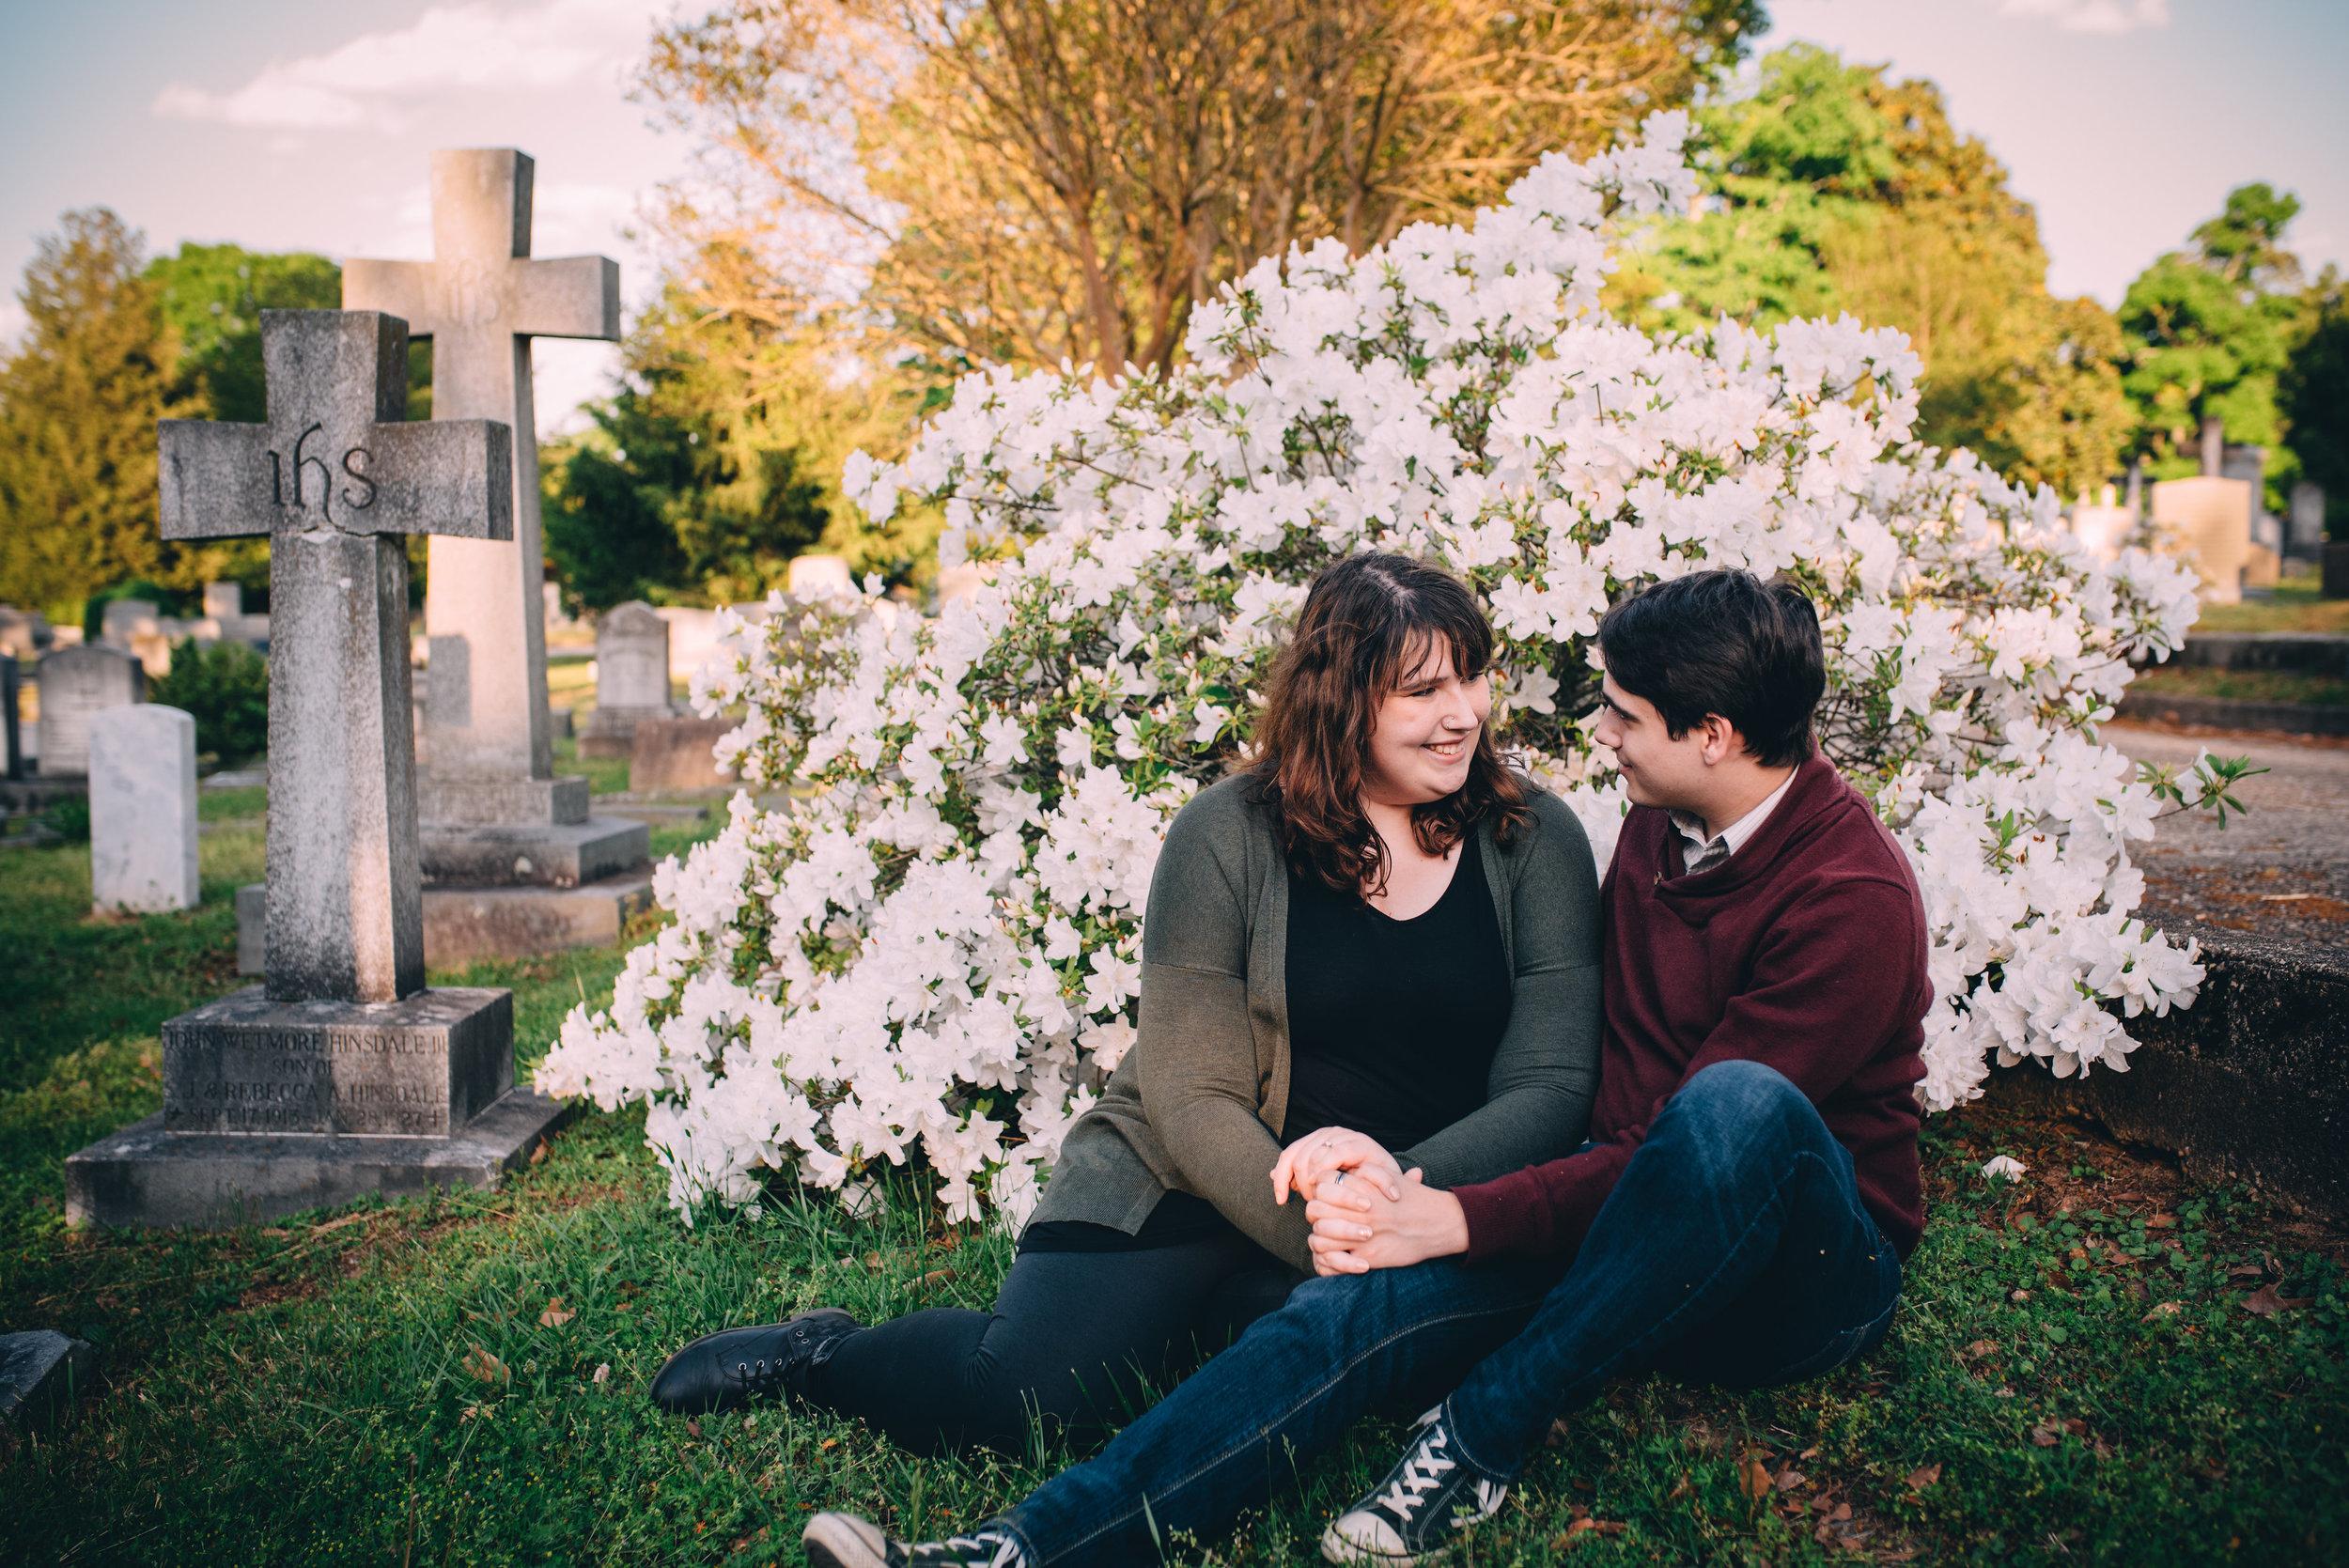 oakwood cemetery engagement - north carolina wedding photographer - raleigh wedding photographer